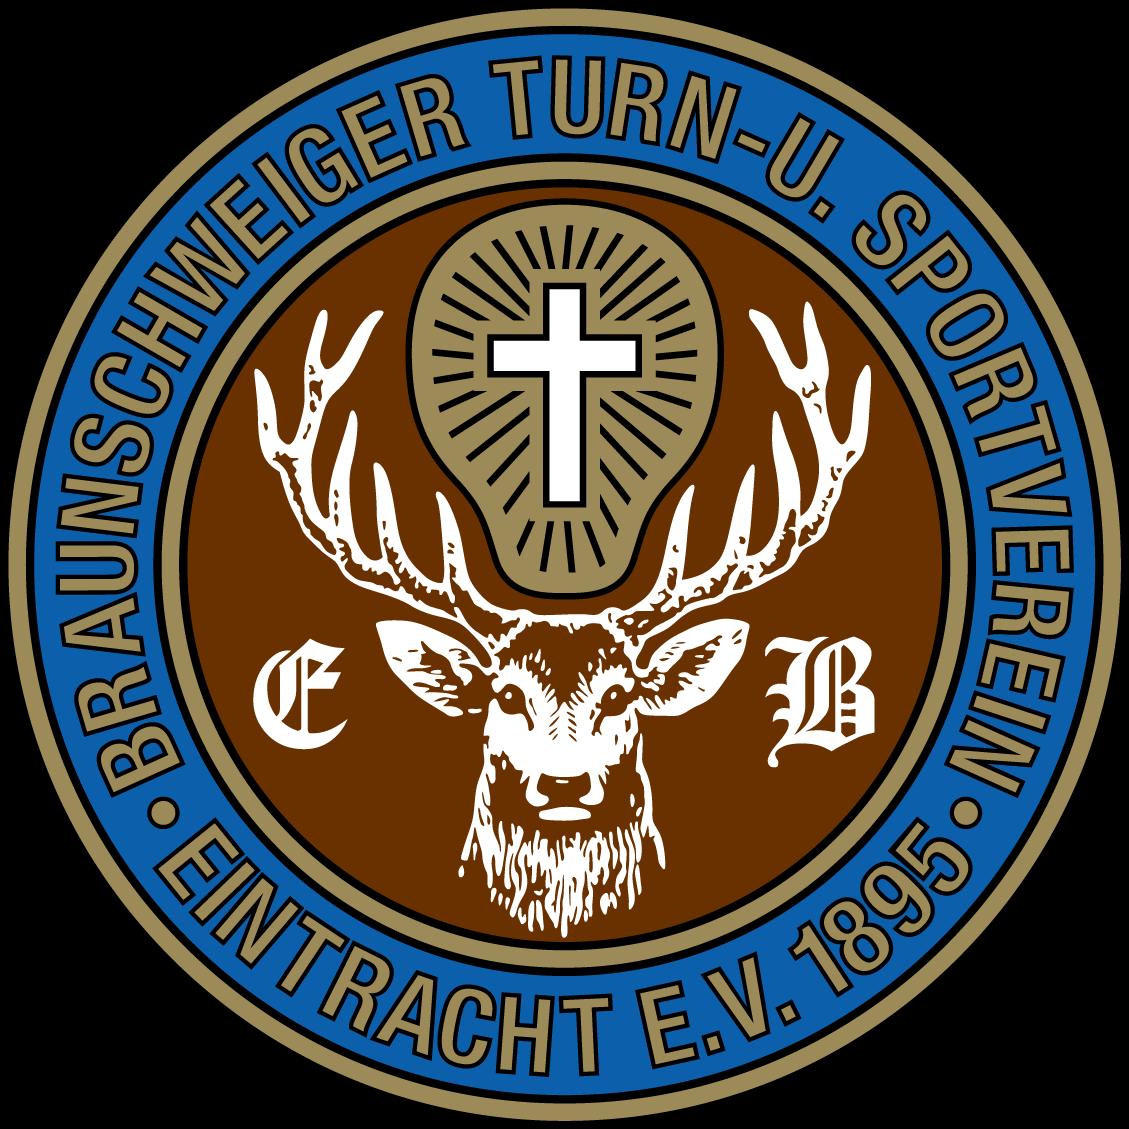 Eintracht Ev Braunschweig Eintracht Braunschweig Eintracht Braunschweig